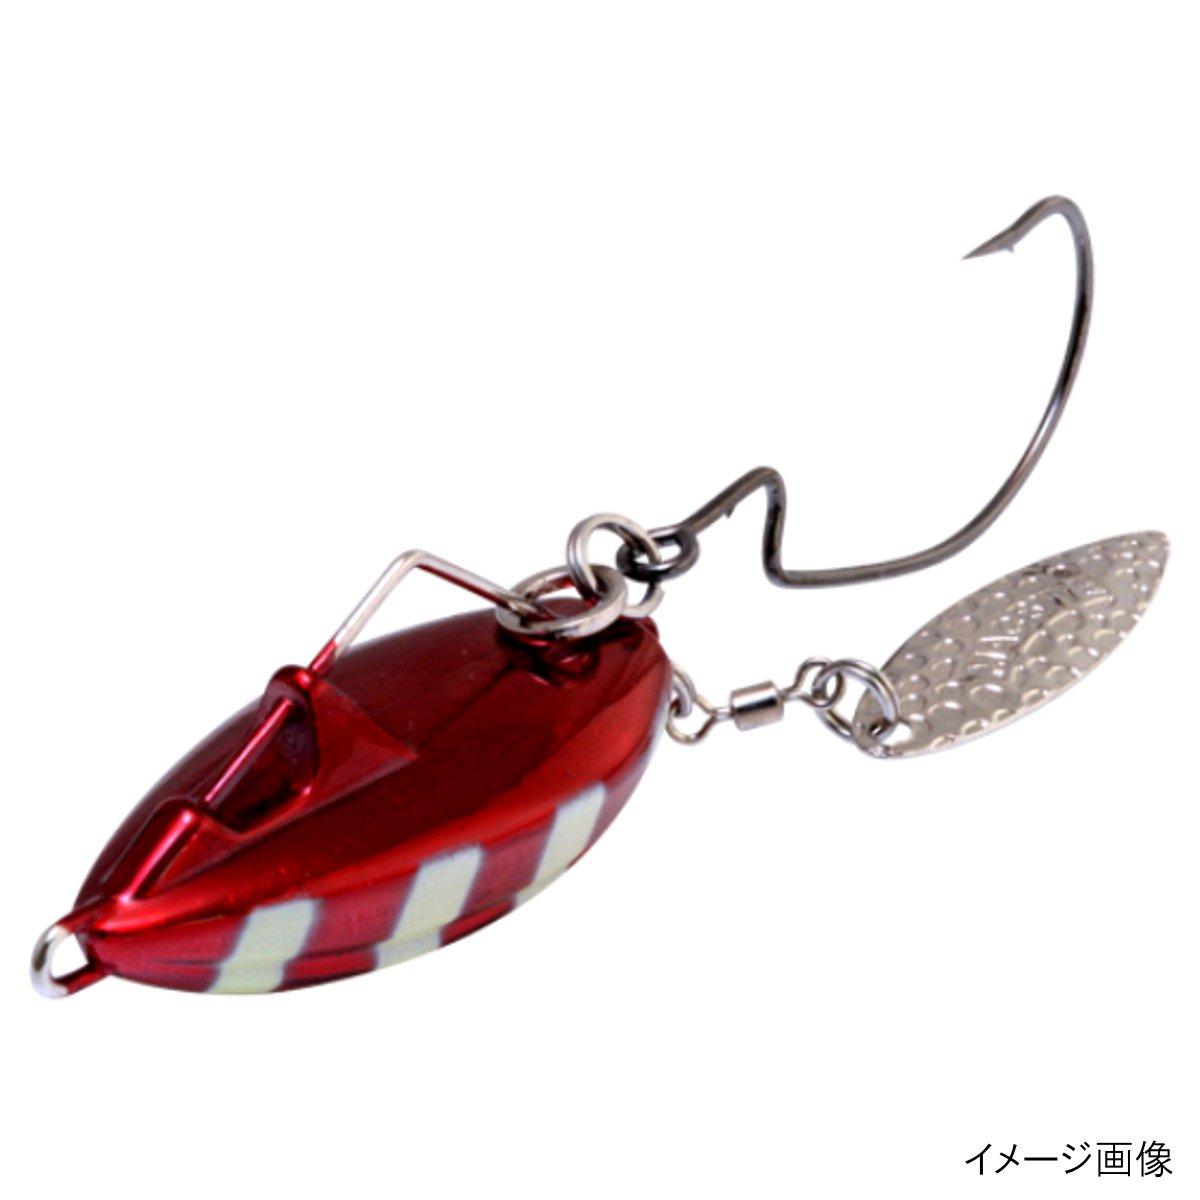 マグバイト バサロHD MBL05 40g 04ZR(ゼブラレッド)(東日本店)